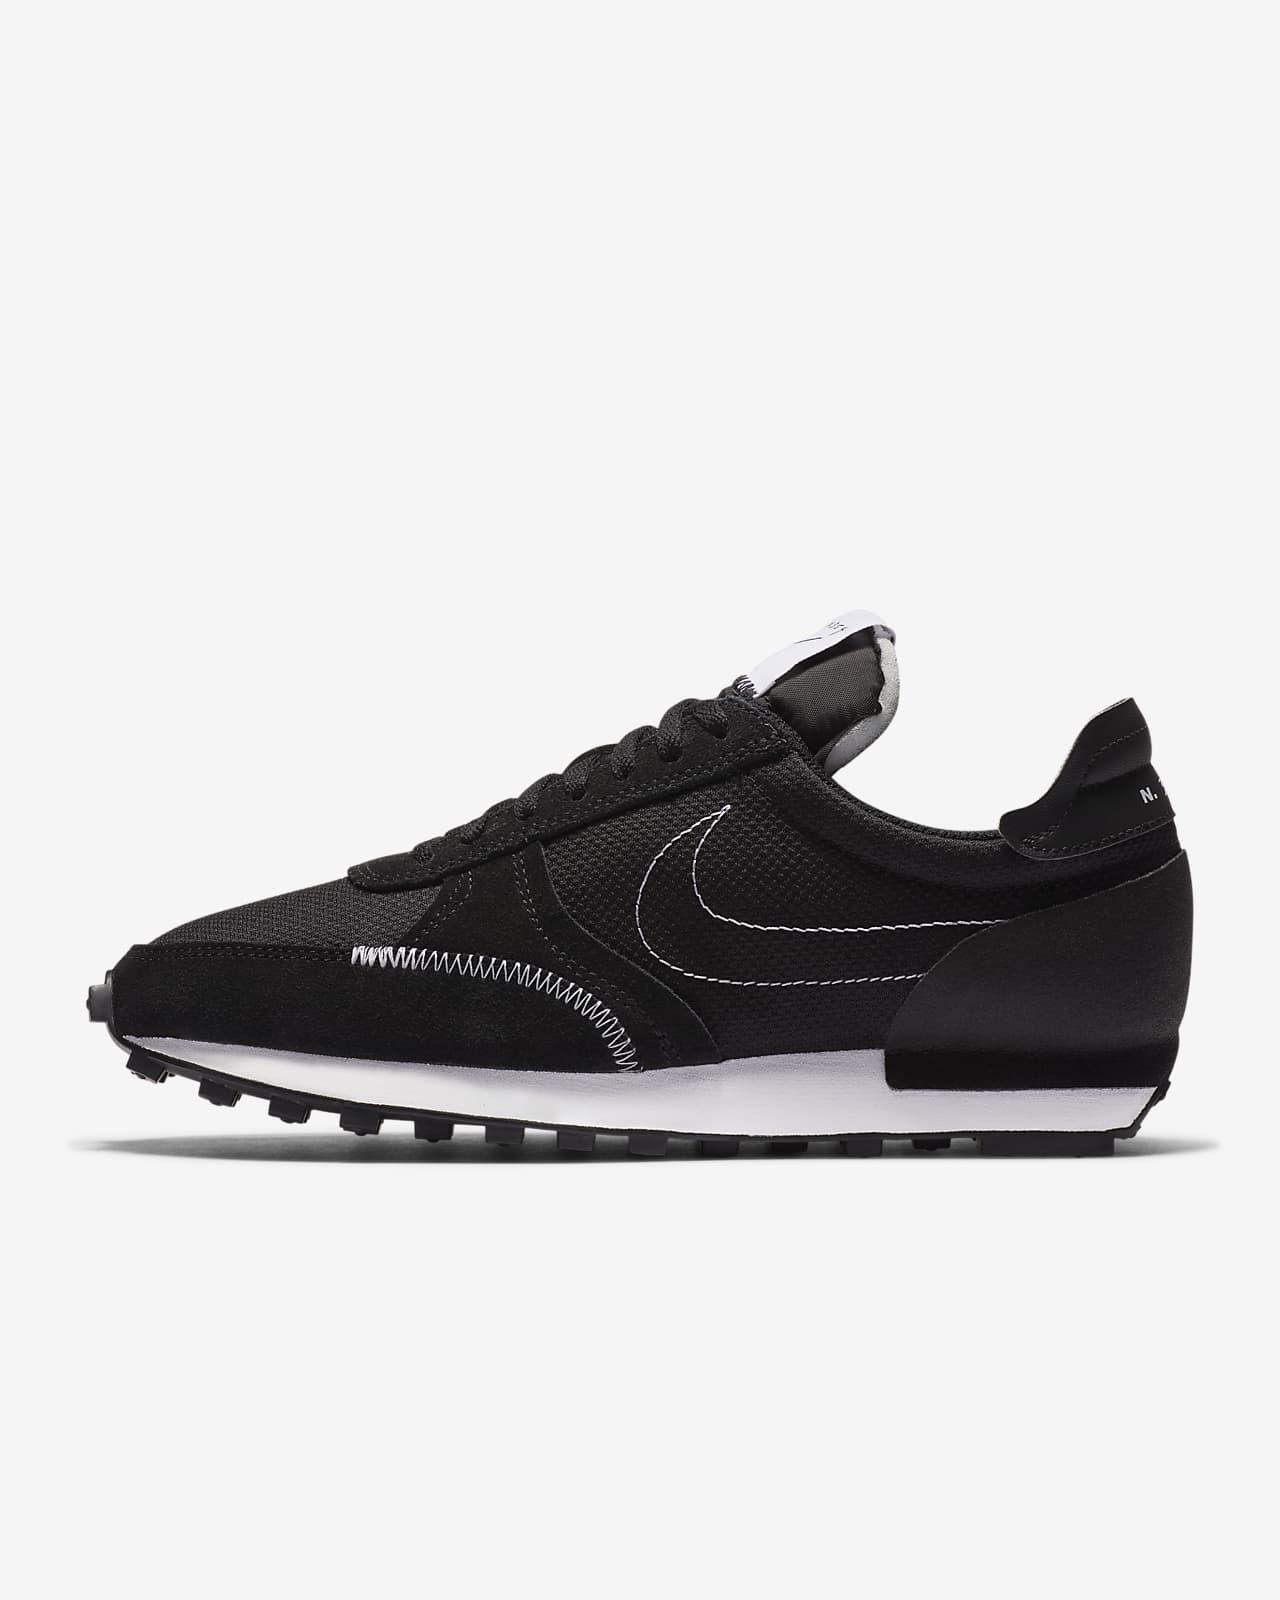 รองเท้าผู้หญิง Nike DBreak-Type